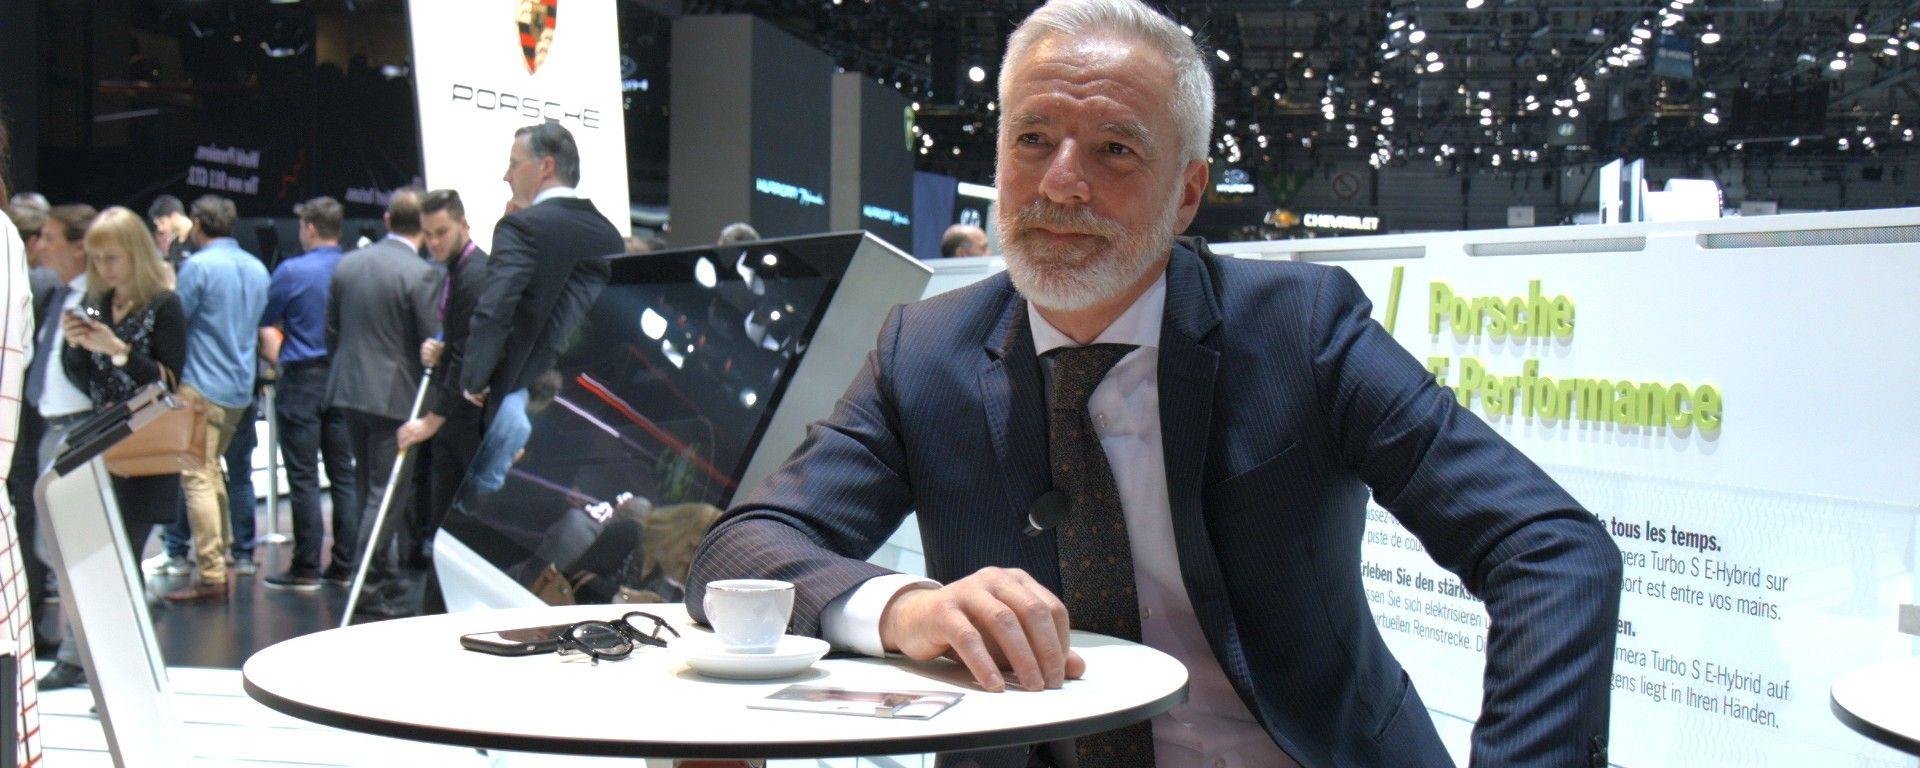 Pietro Innocenti, Direttore Generale di Porsche Italia al Salone di Ginevra 2017